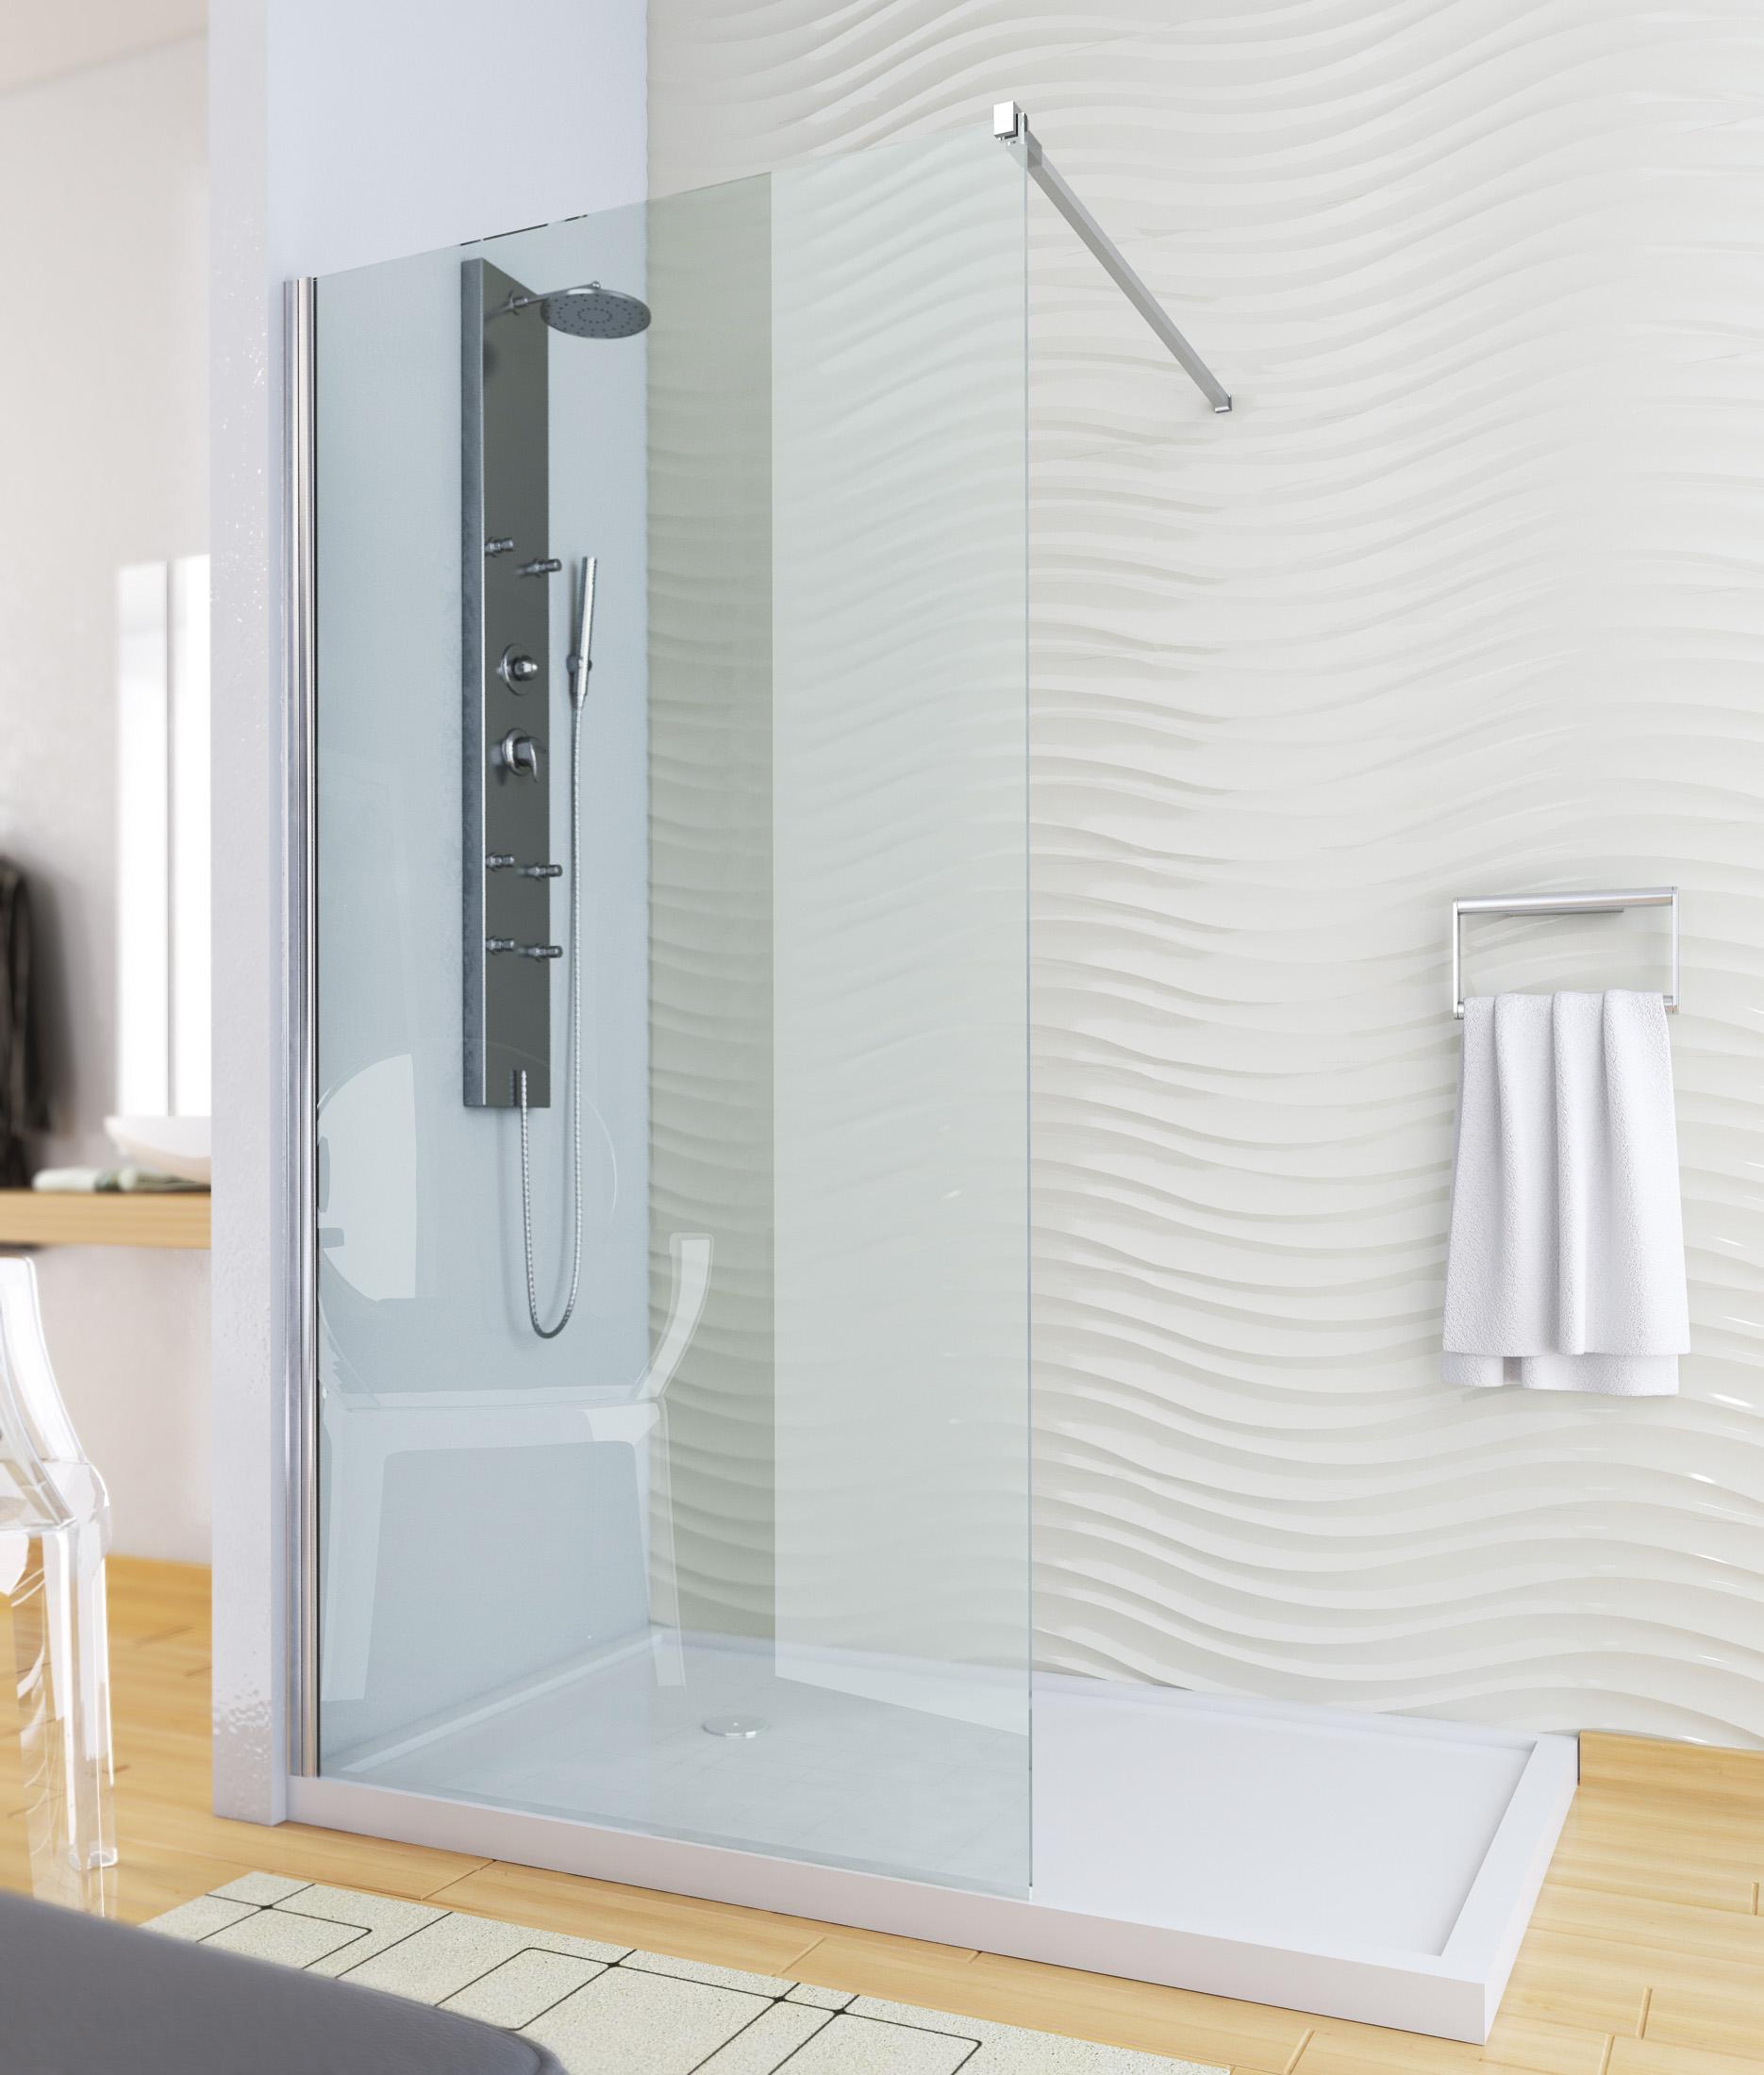 Todos los tipos de apertura de mamparas de ba o solo mamparas - Vidrios para duchas ...